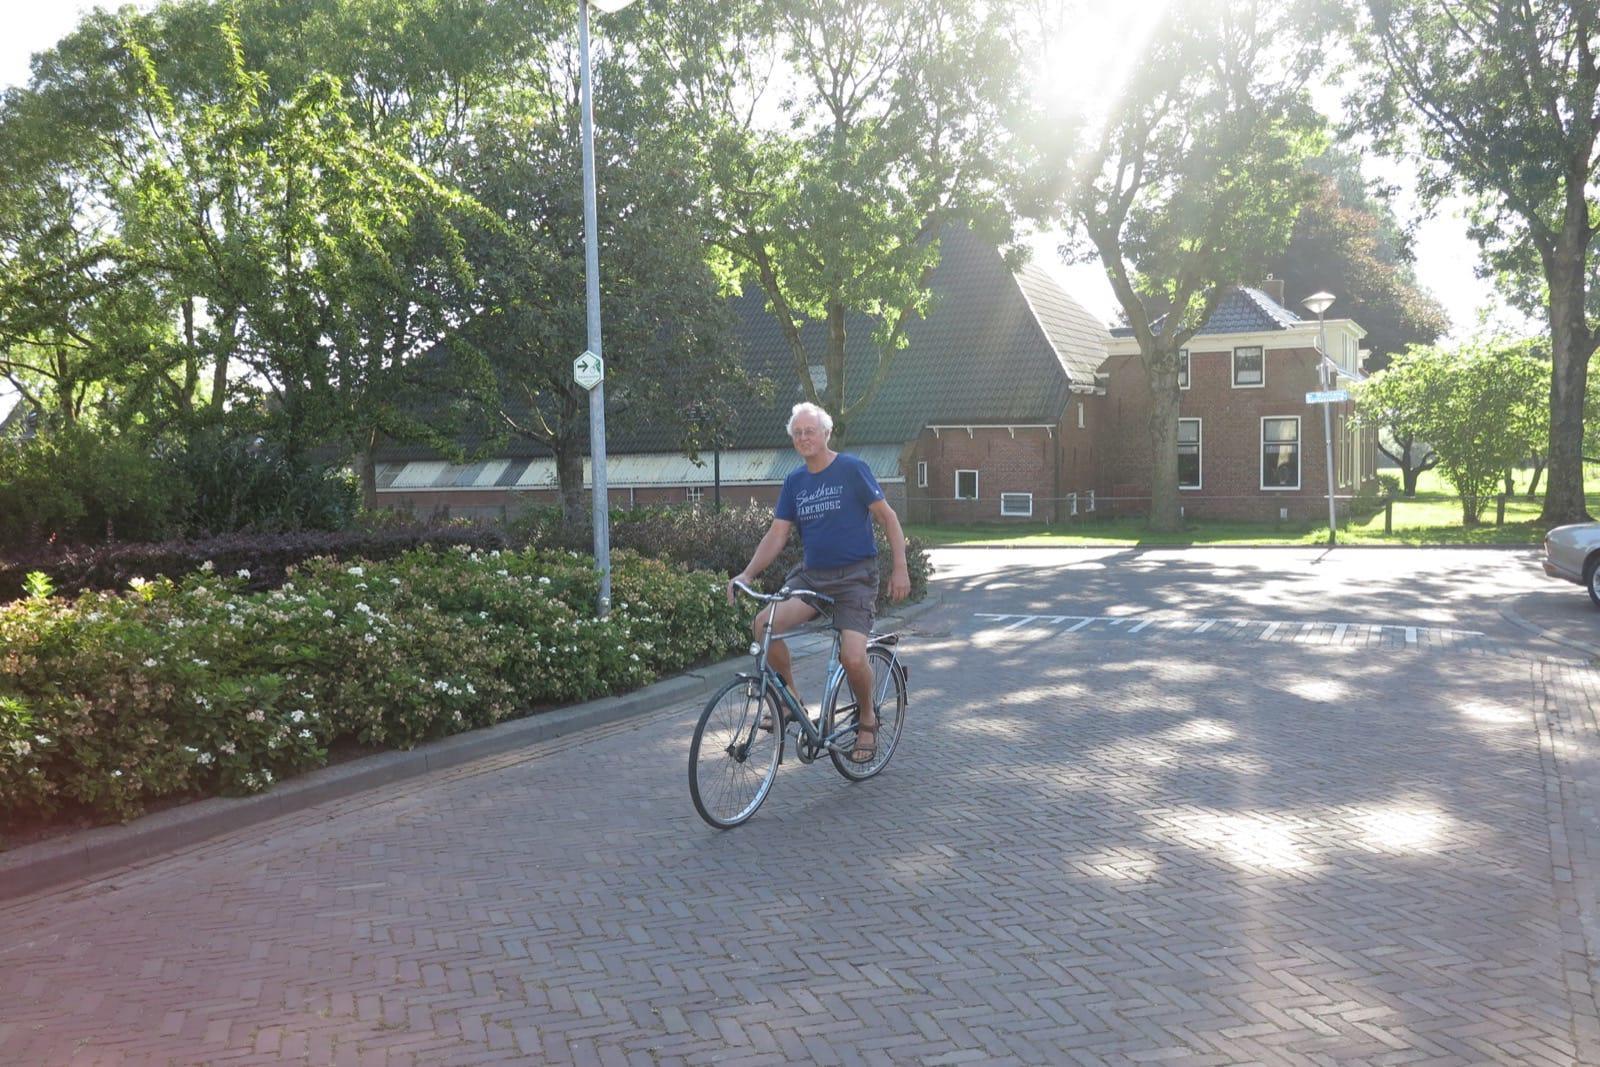 et-fiets-en-fietser-73-haye-vd-oever-oi.jpg